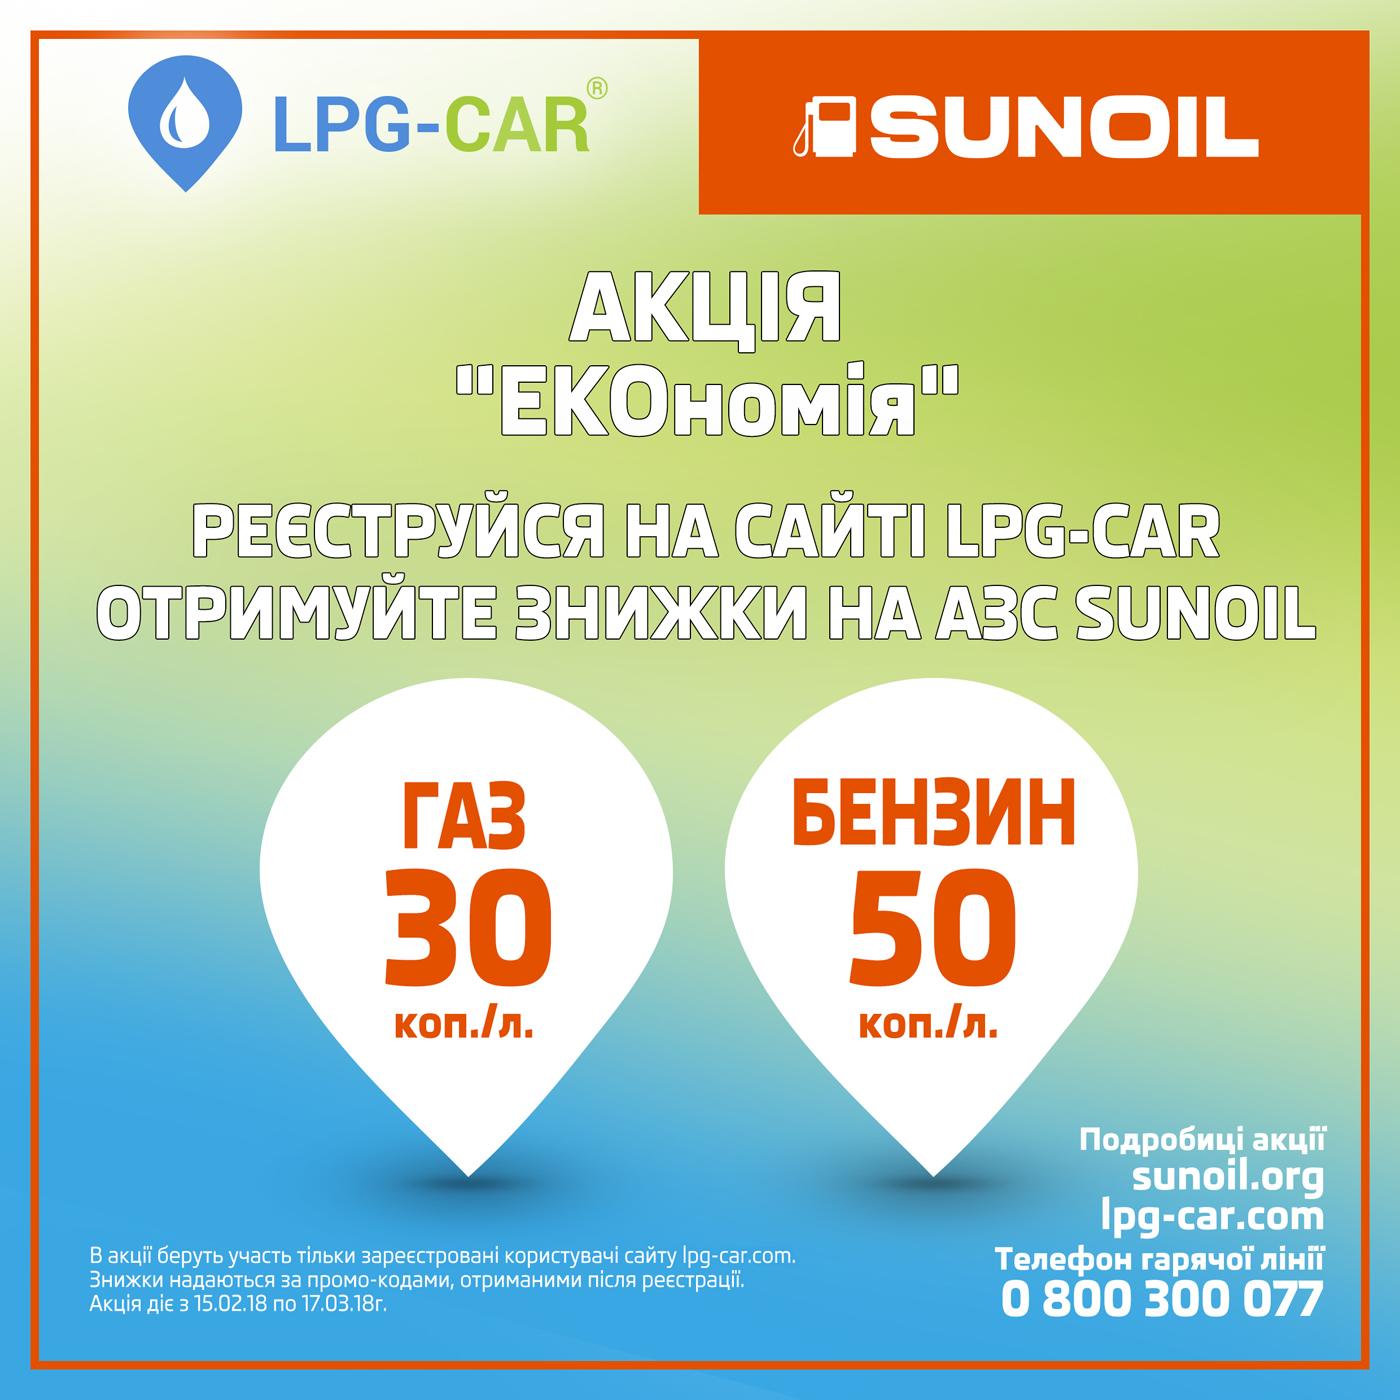 Enkorr: SUN OIL надасть знижки на пальне для користувачів LPG-CAR